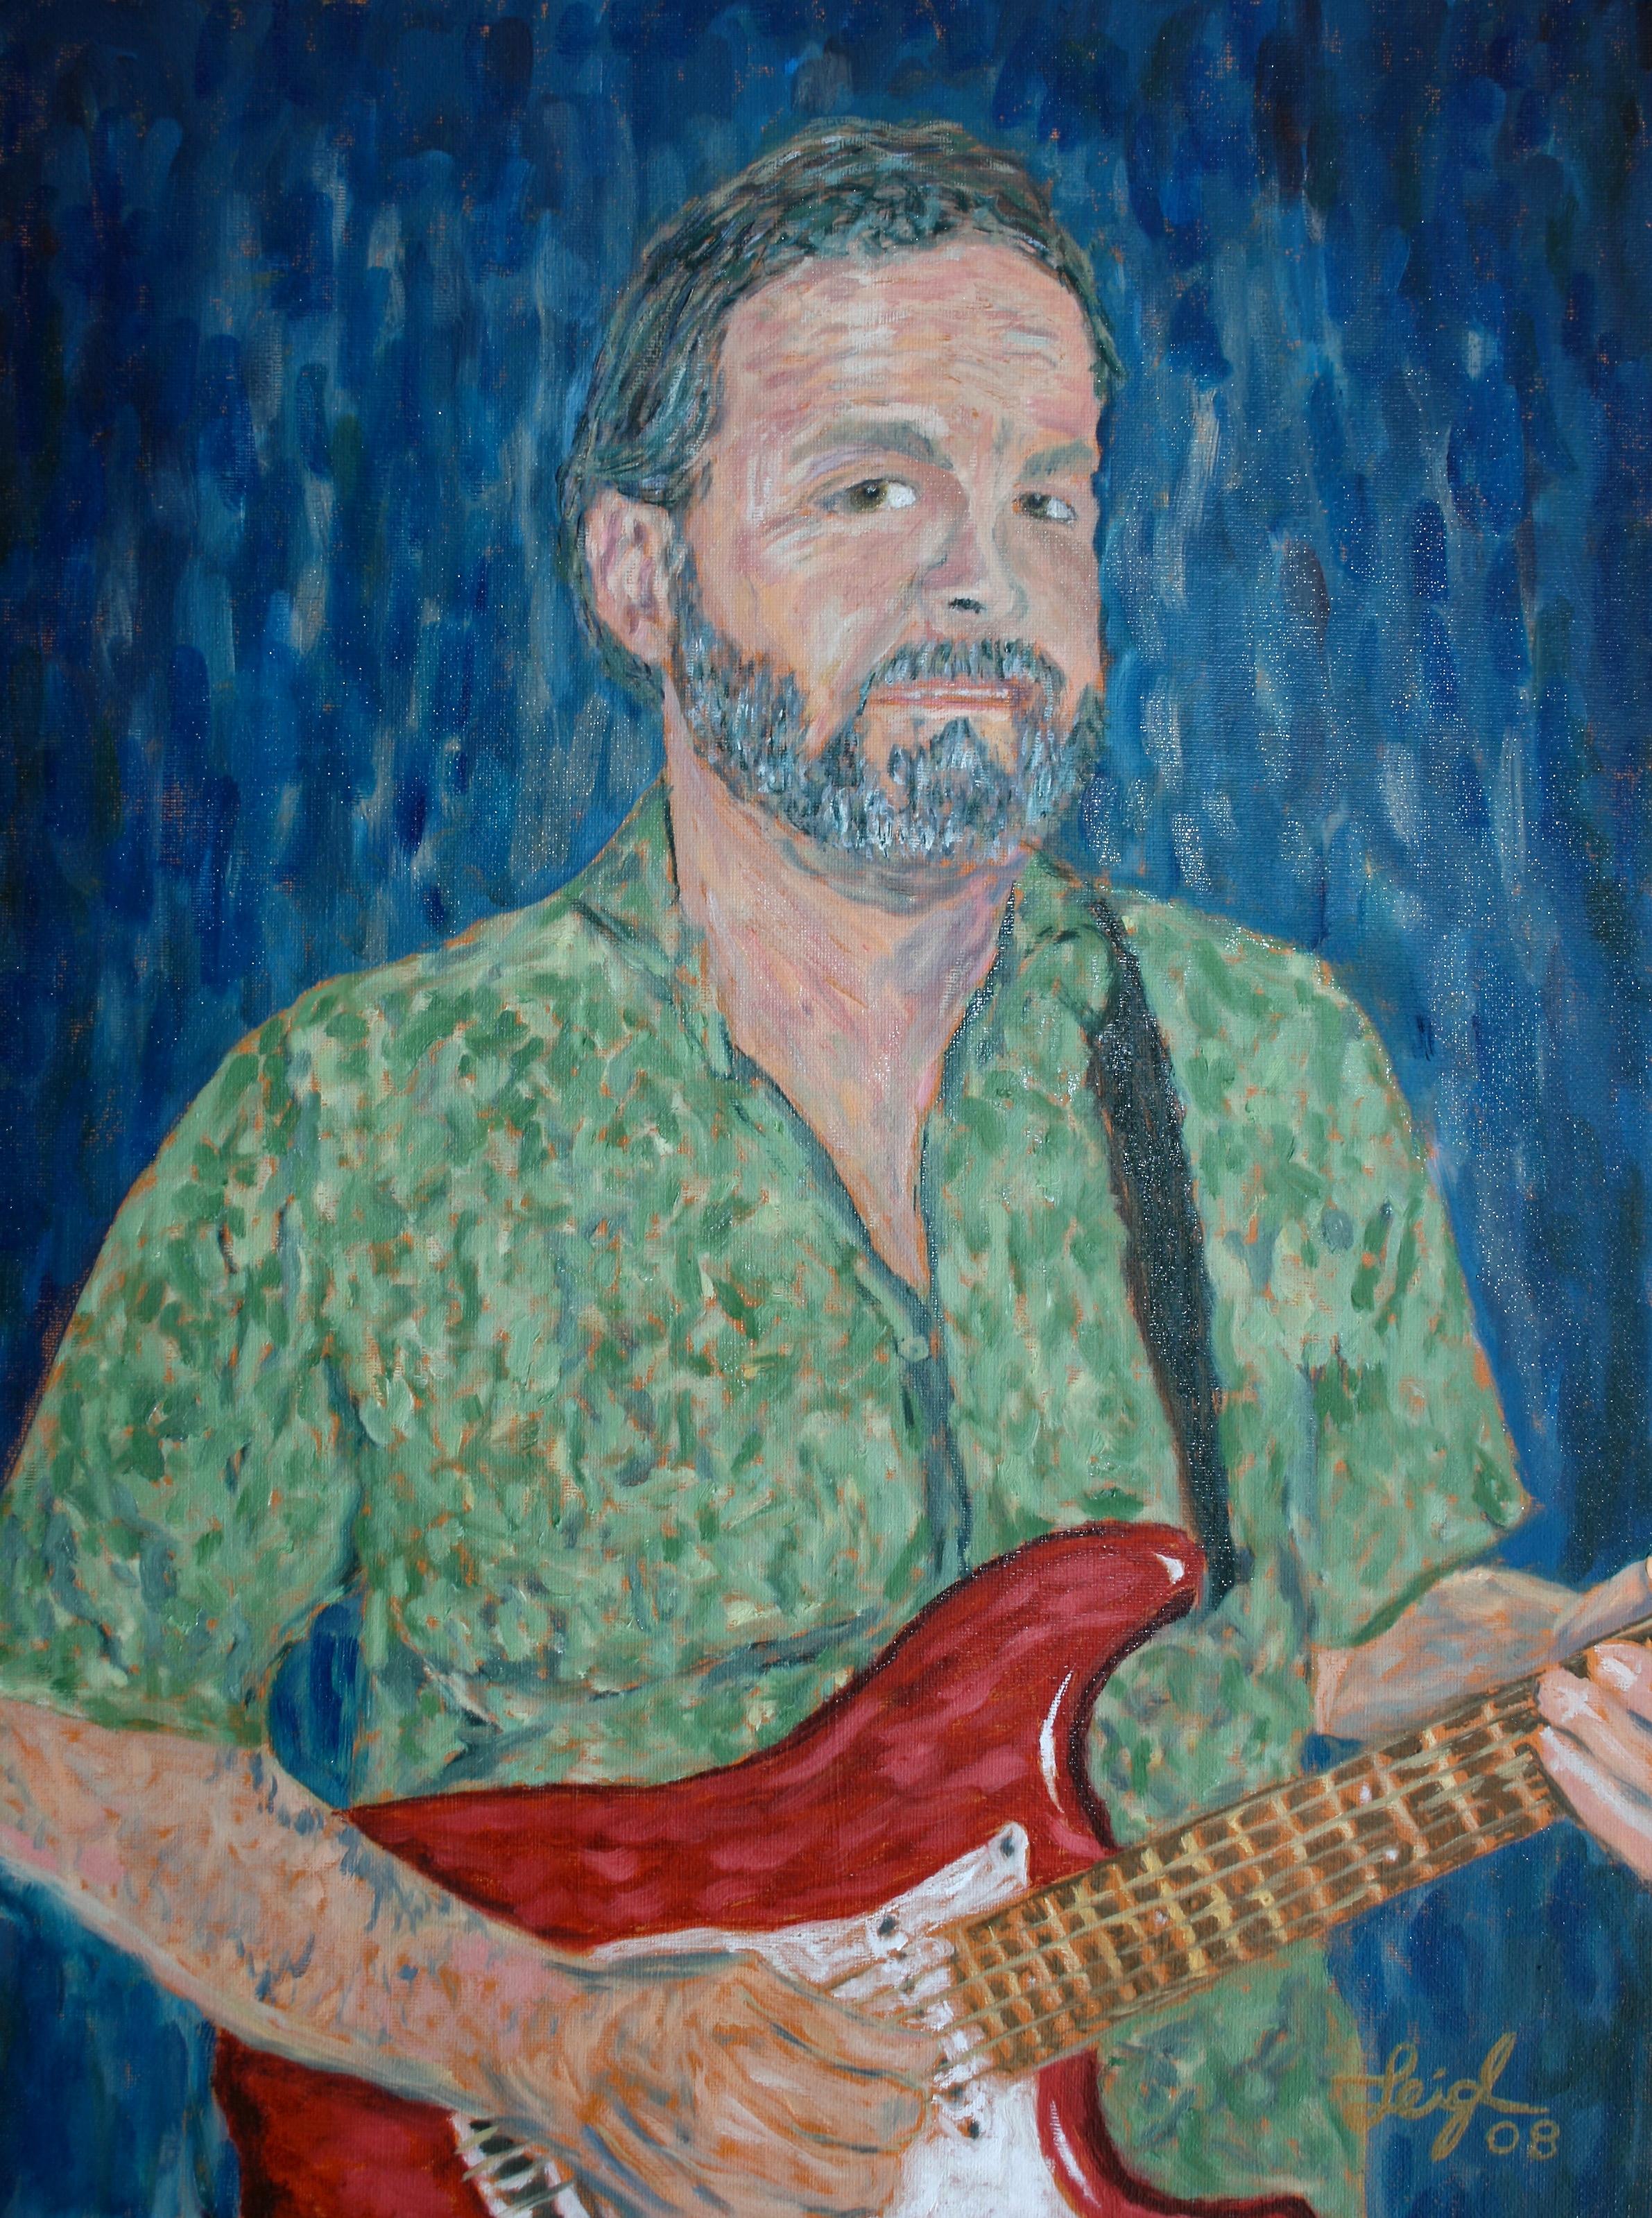 Ken Playing Guitar  ~   Ken Sprinkle, Oceanside, CA 2008  •  18 x 24